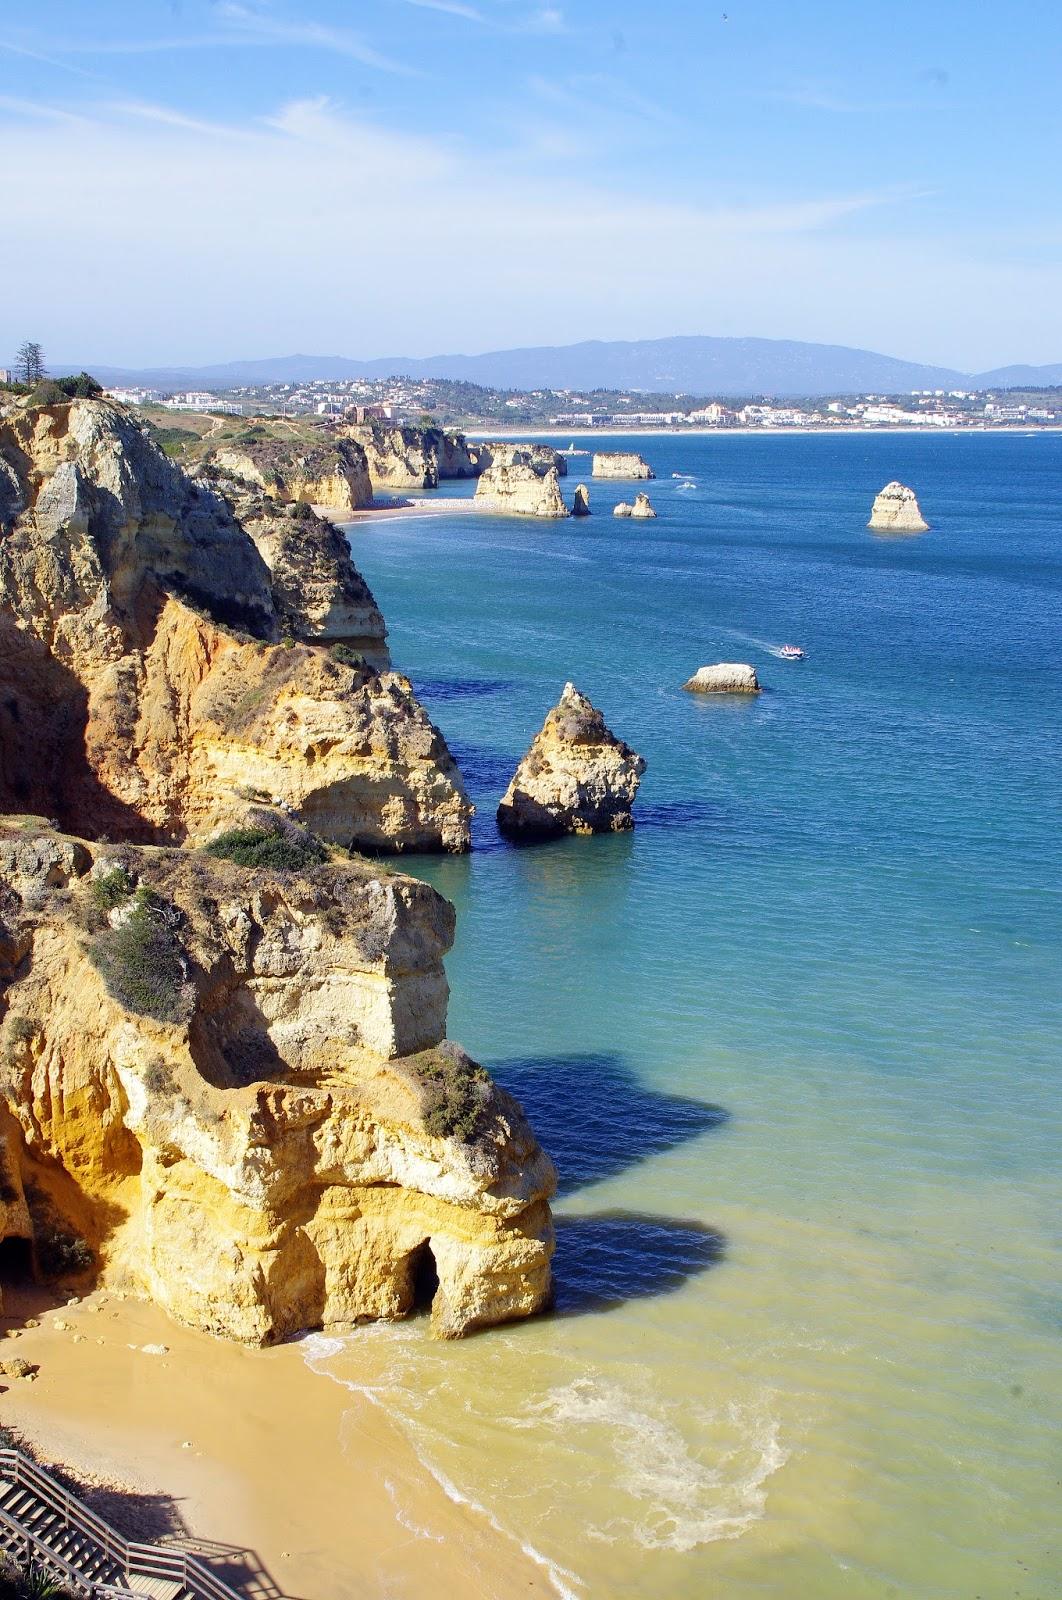 Lagos Beaches Algarve